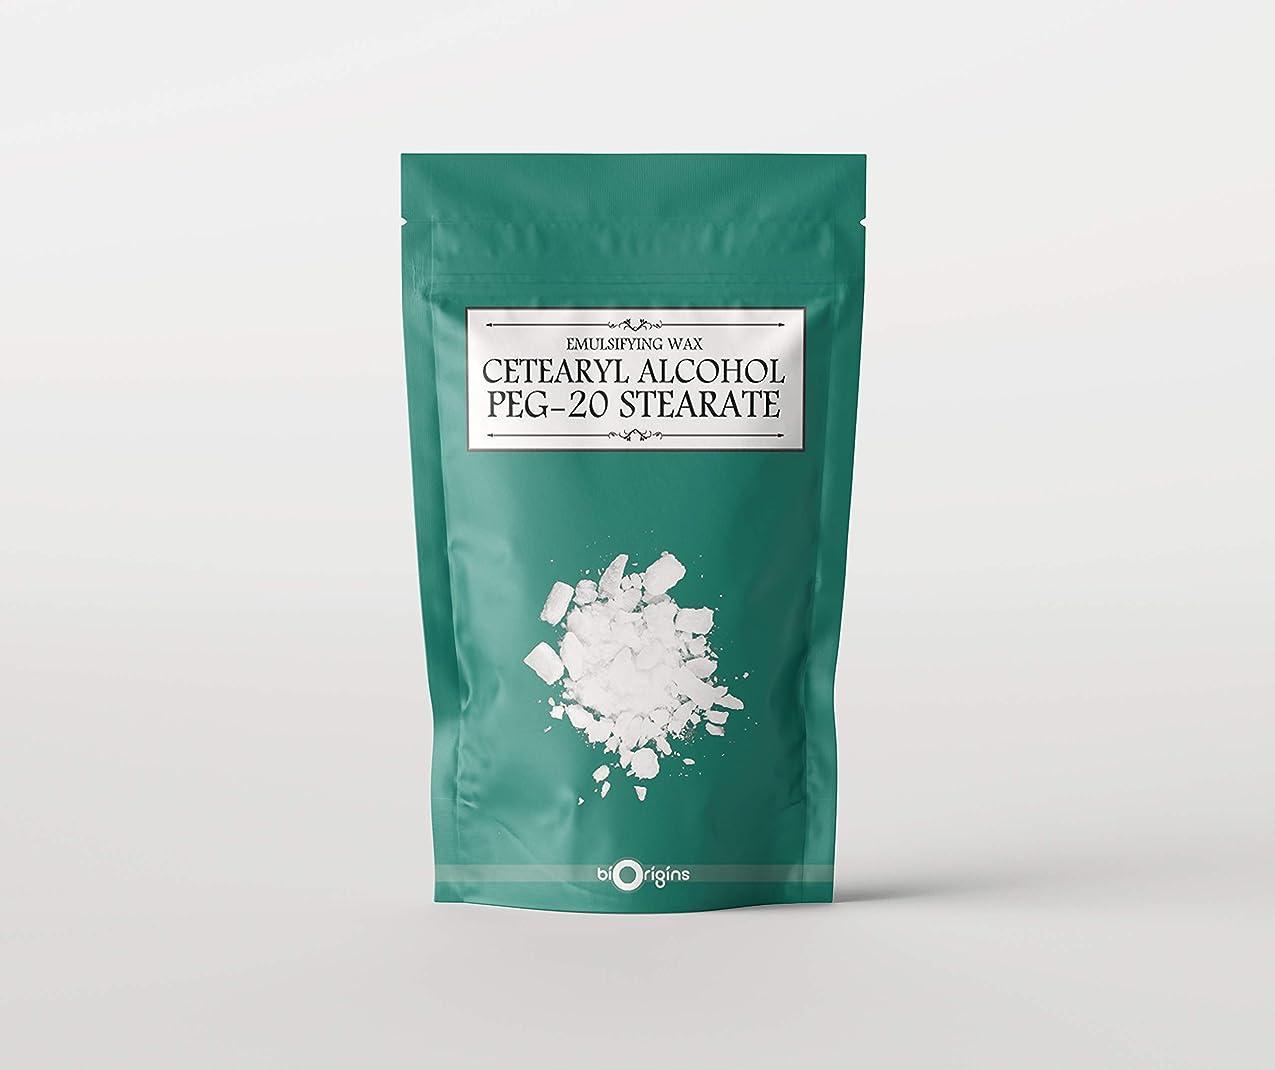 交じる圧縮パリティEmulsifying Wax (Cetearyl Alcohol/PEG-20 Stearate) 1Kg